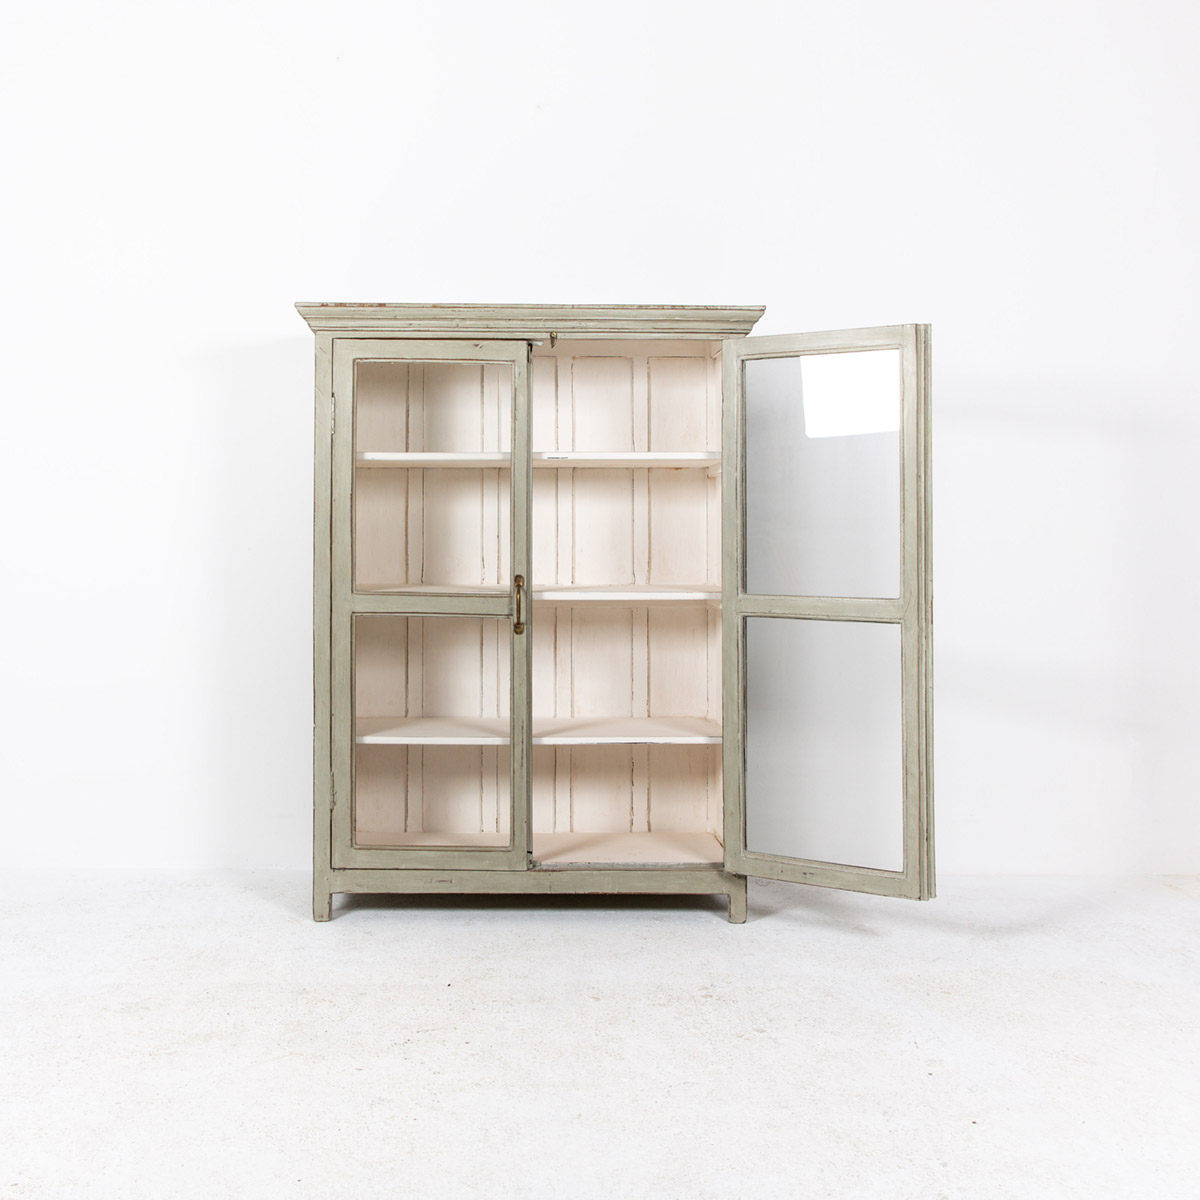 Vitrinekast-2-deuren-oud-grijs-6